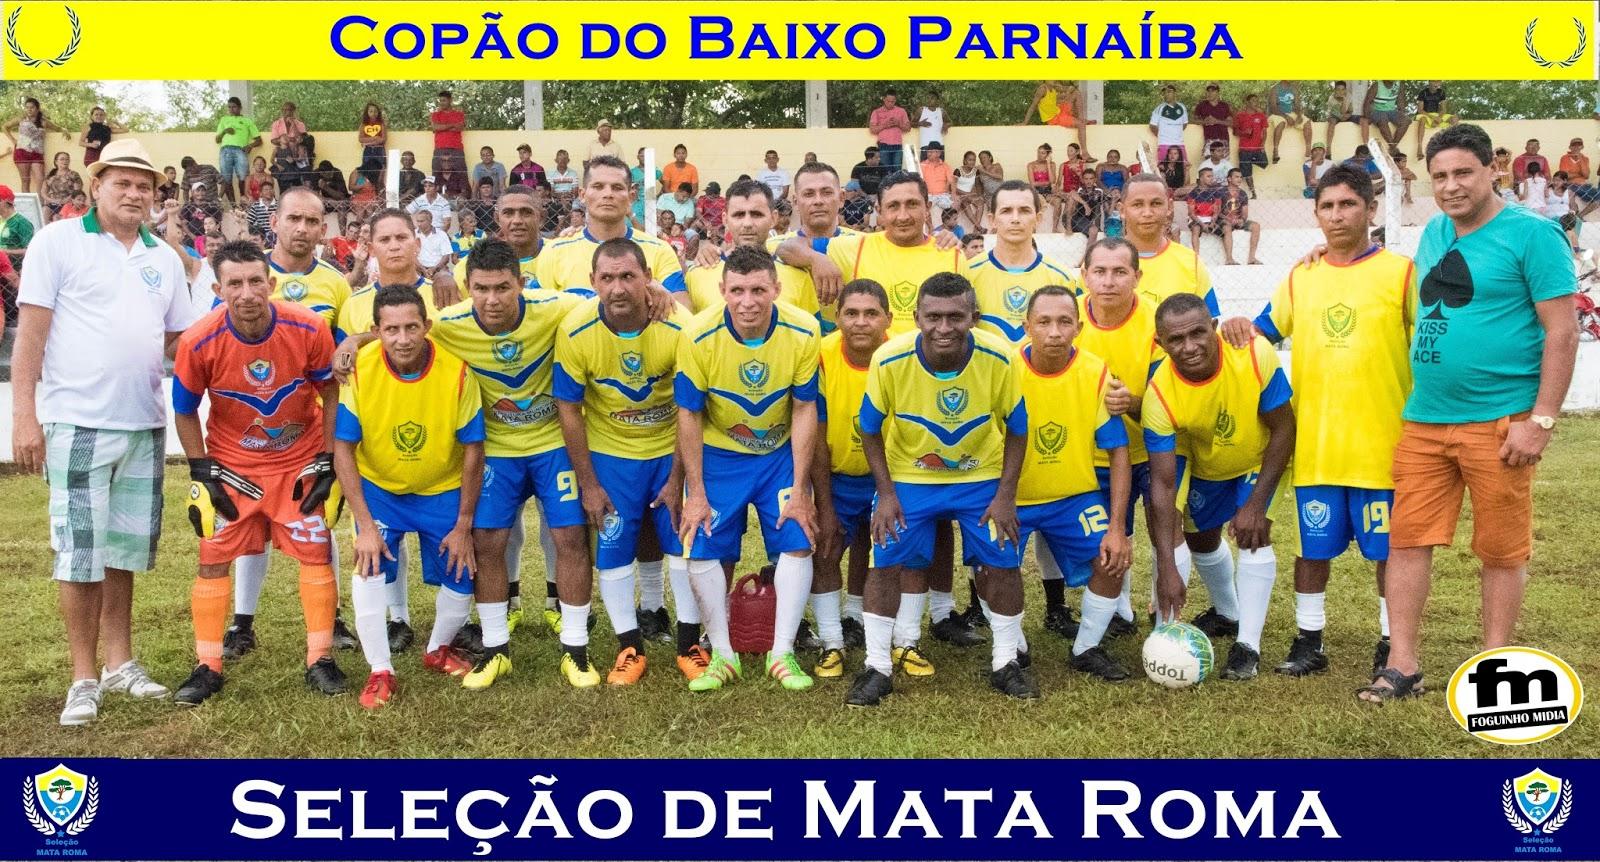 Seleção de Mata Roma vence Seleção de Buriti e se classifica para a segunda fase do Copão do Baixo Parnaíba.